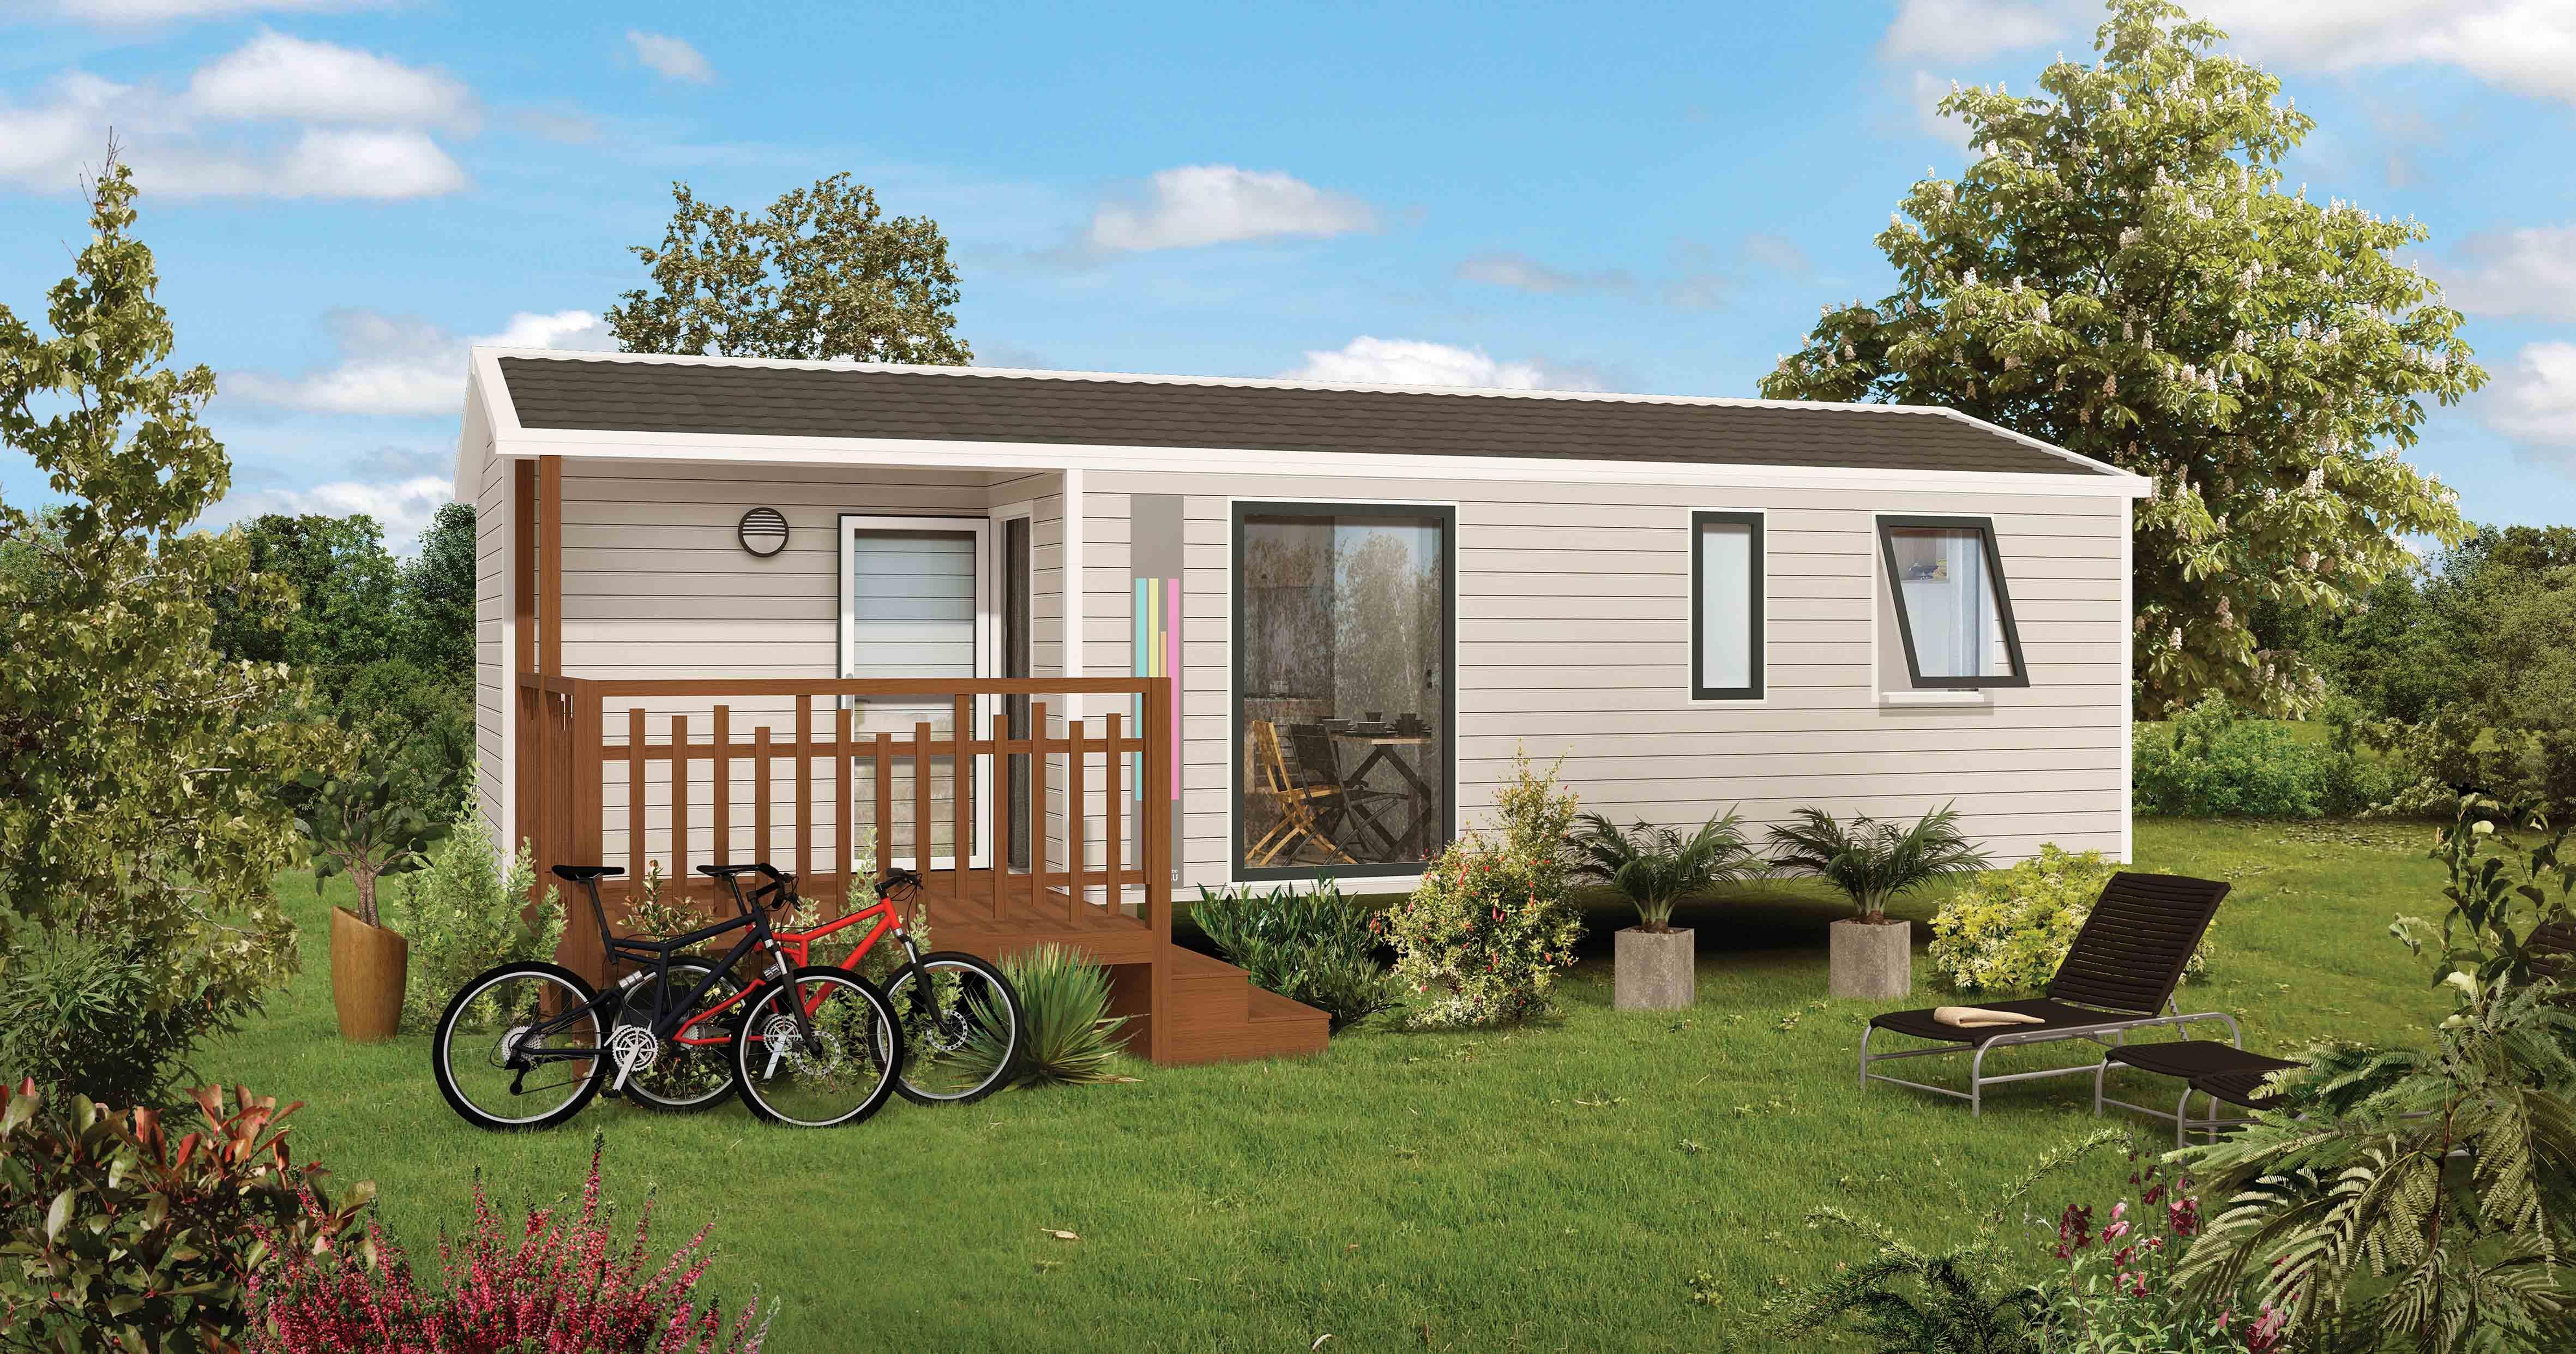 Location - Nouveaute 2019 Mobil-Home Malaga 30M² Avec Terrasse Intégrée - Camping Le Panoramic